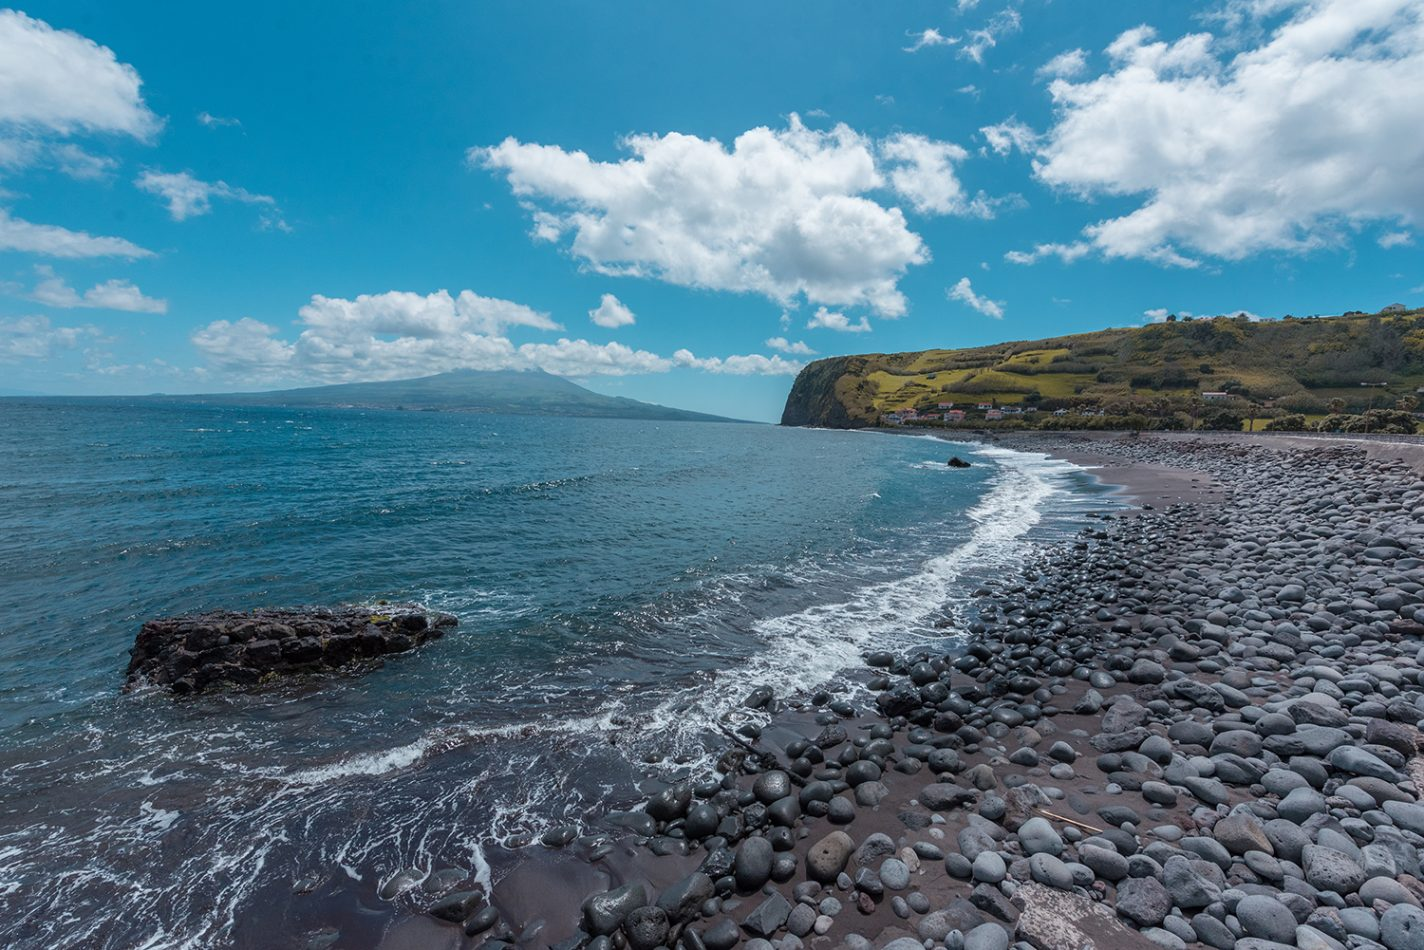 Praia do Amoxarife